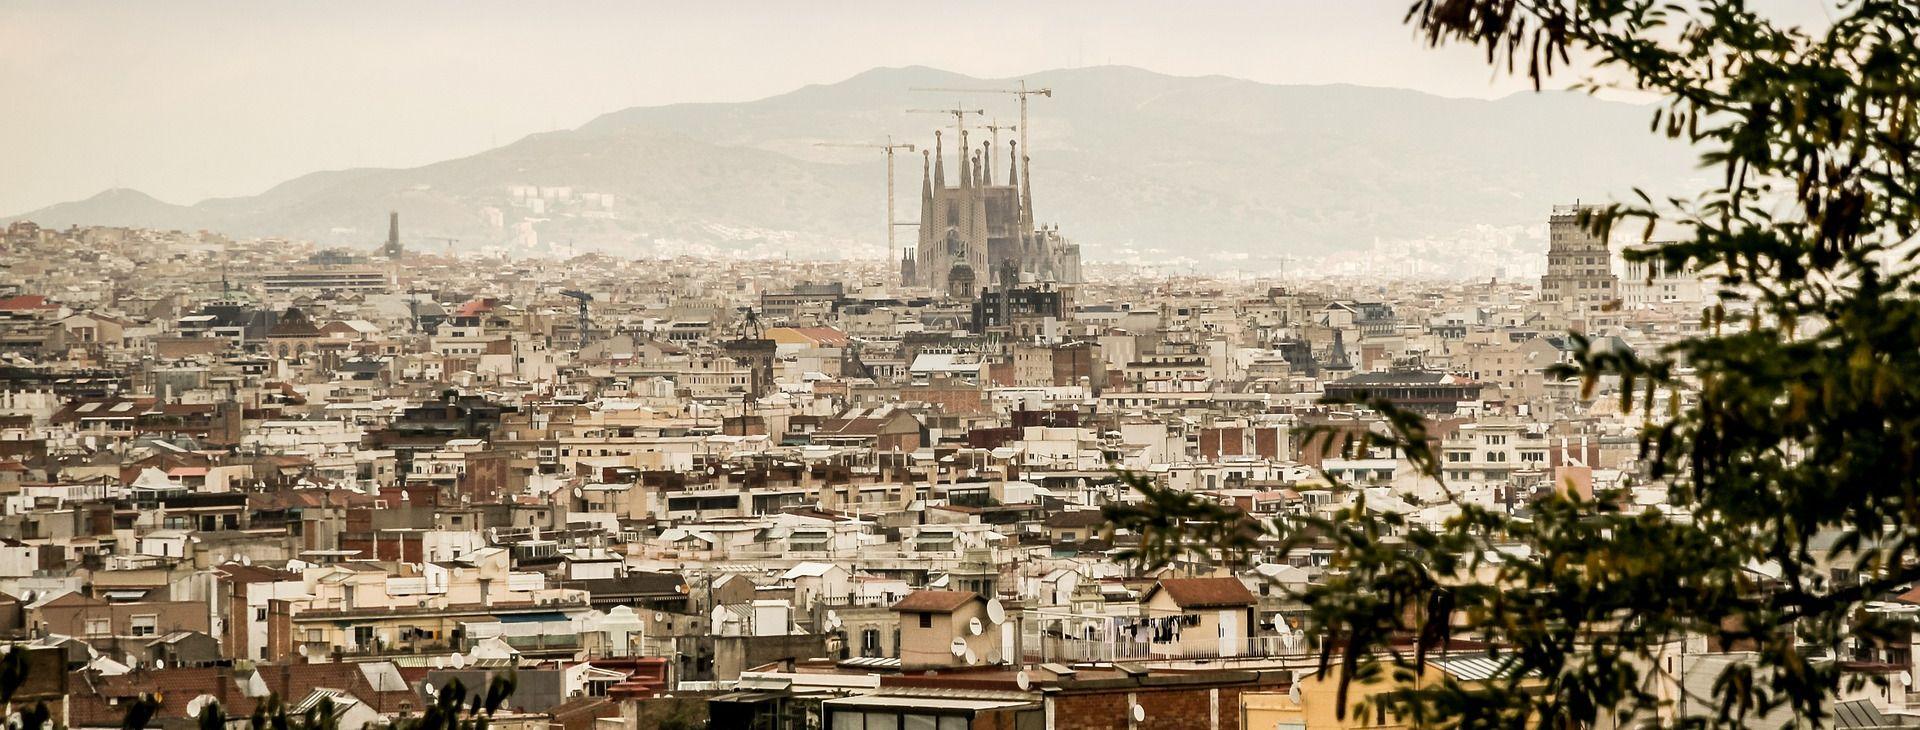 Sagrada Familia plaća ogromnu kaznu jer nema građevinsku dozvolu